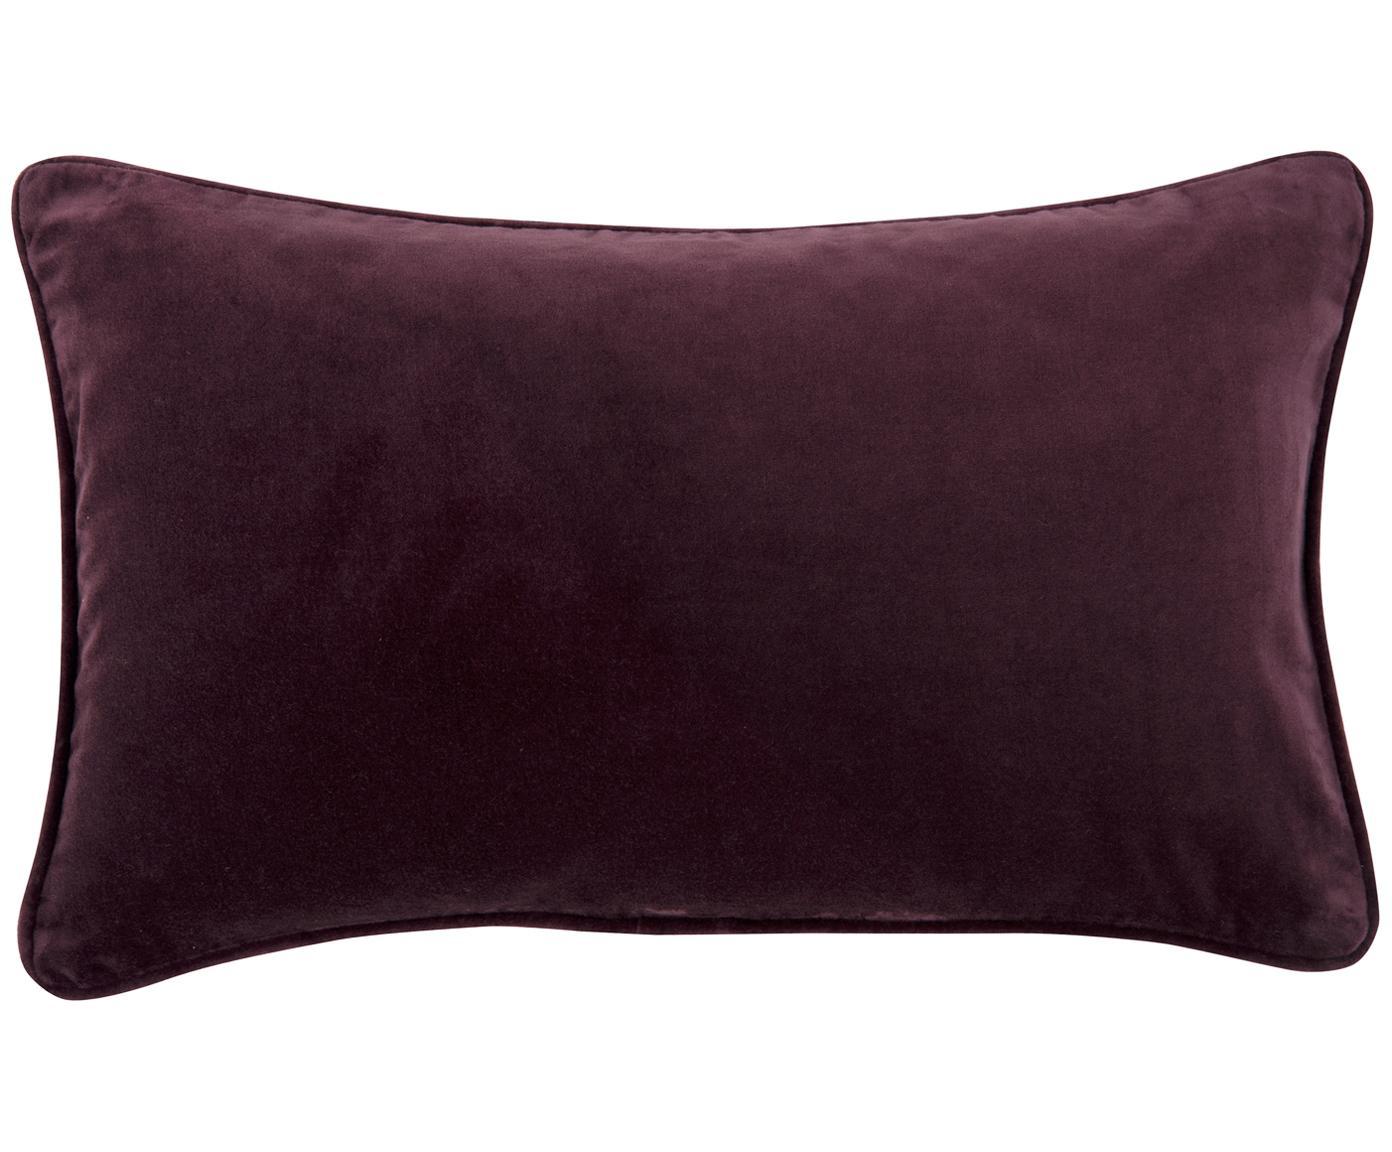 Poszewka na poduszkę z aksamitu Dana, 100% aksamit bawełniany,  Ciemnyfioletowy, S 30 x D 50 cm